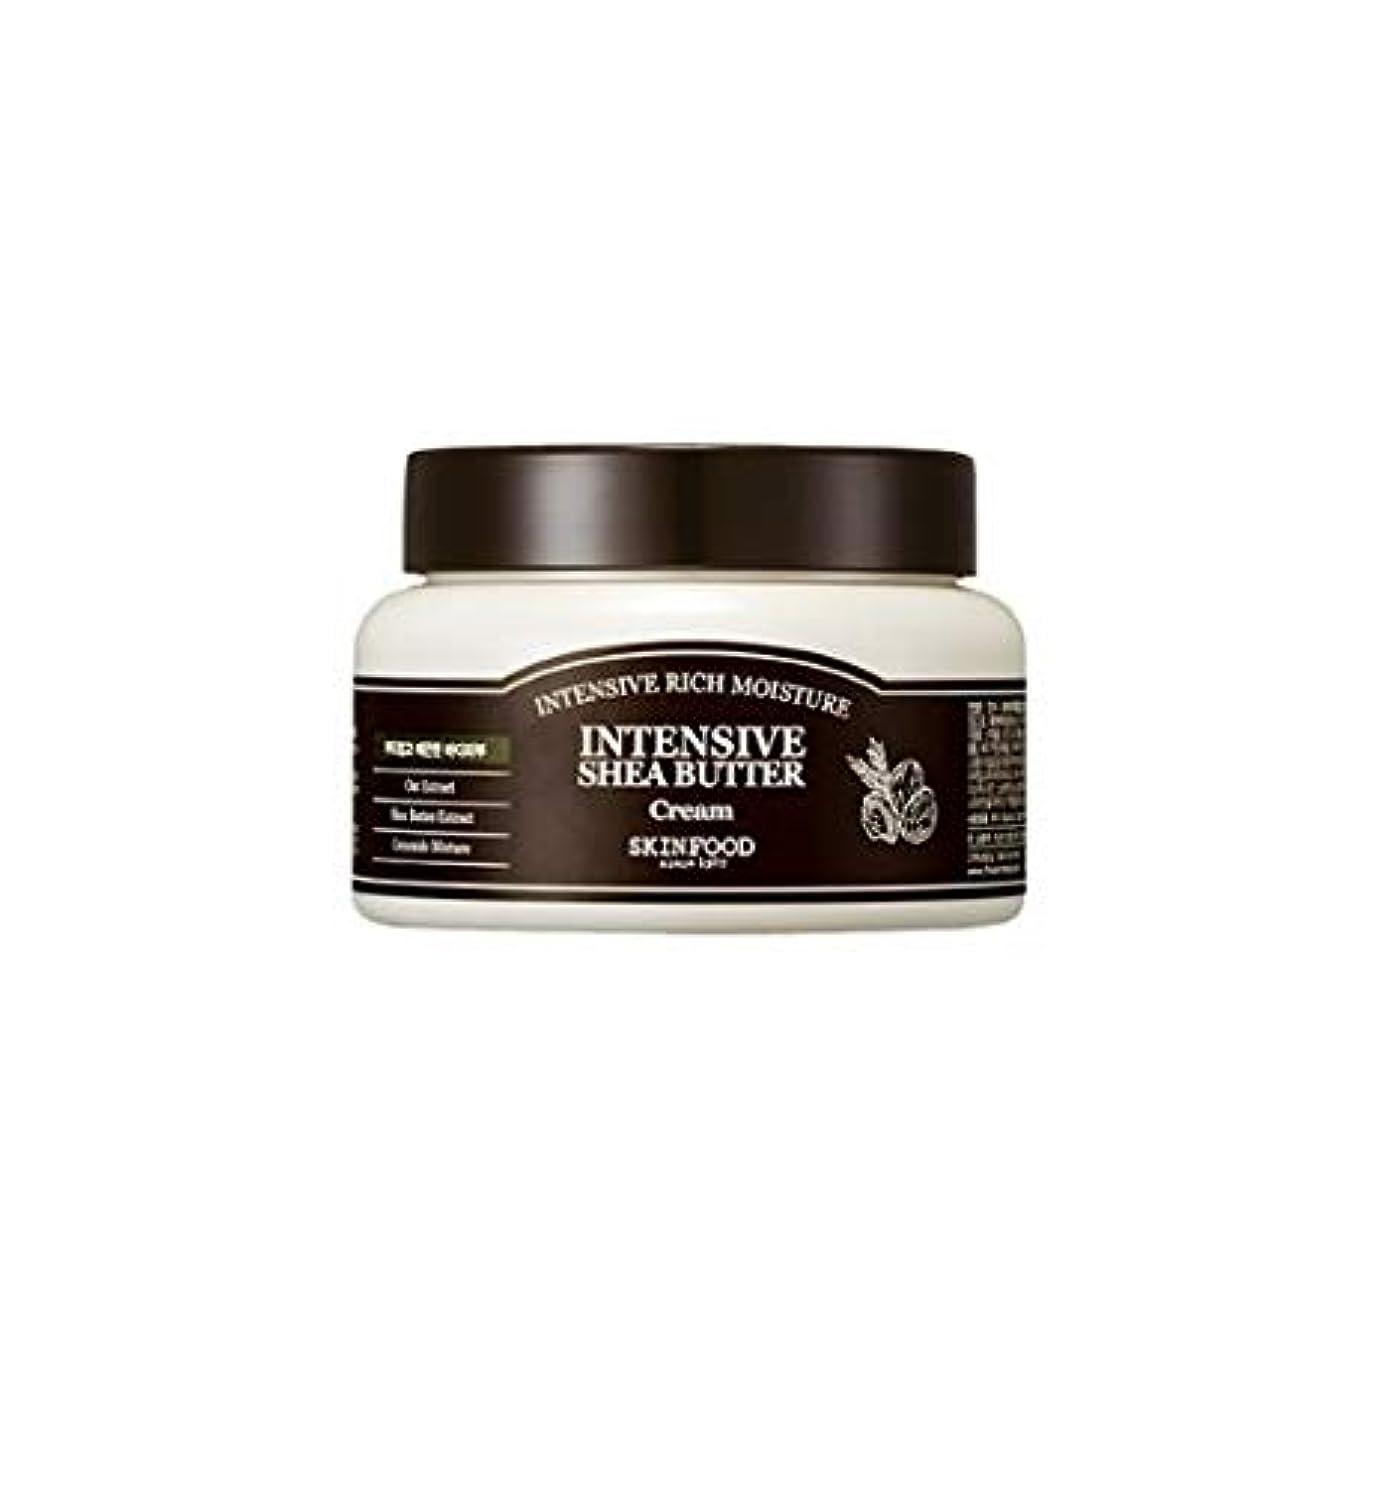 パーク無意識にSkinfood 集中シアバタークリーム/Intensive Shea Butter Cream 225ml [並行輸入品]